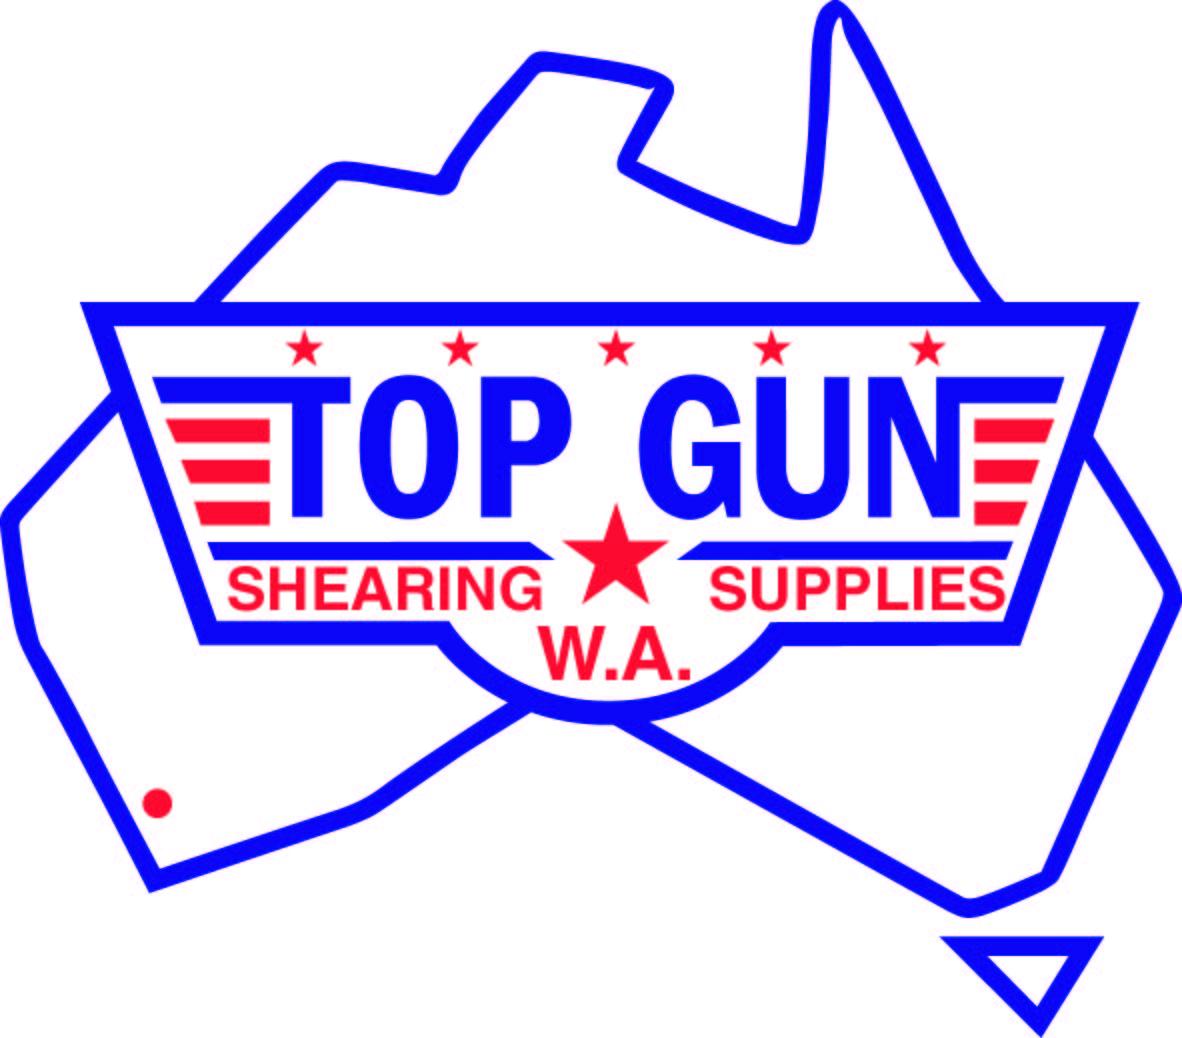 Top Gun Shearing Supplies